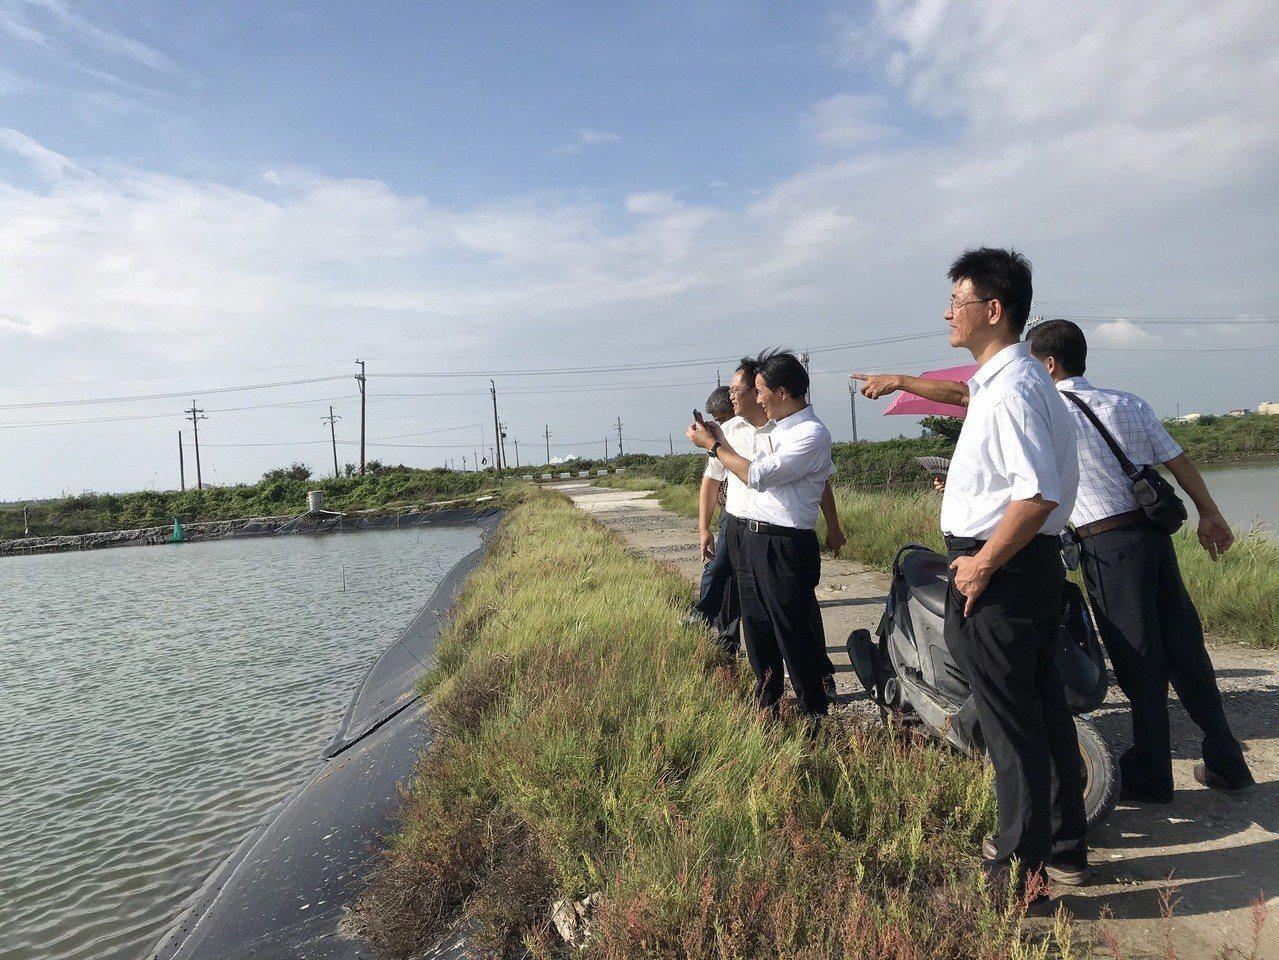 太陽能板有毒? 日本眾議員:科學事情用科學討論